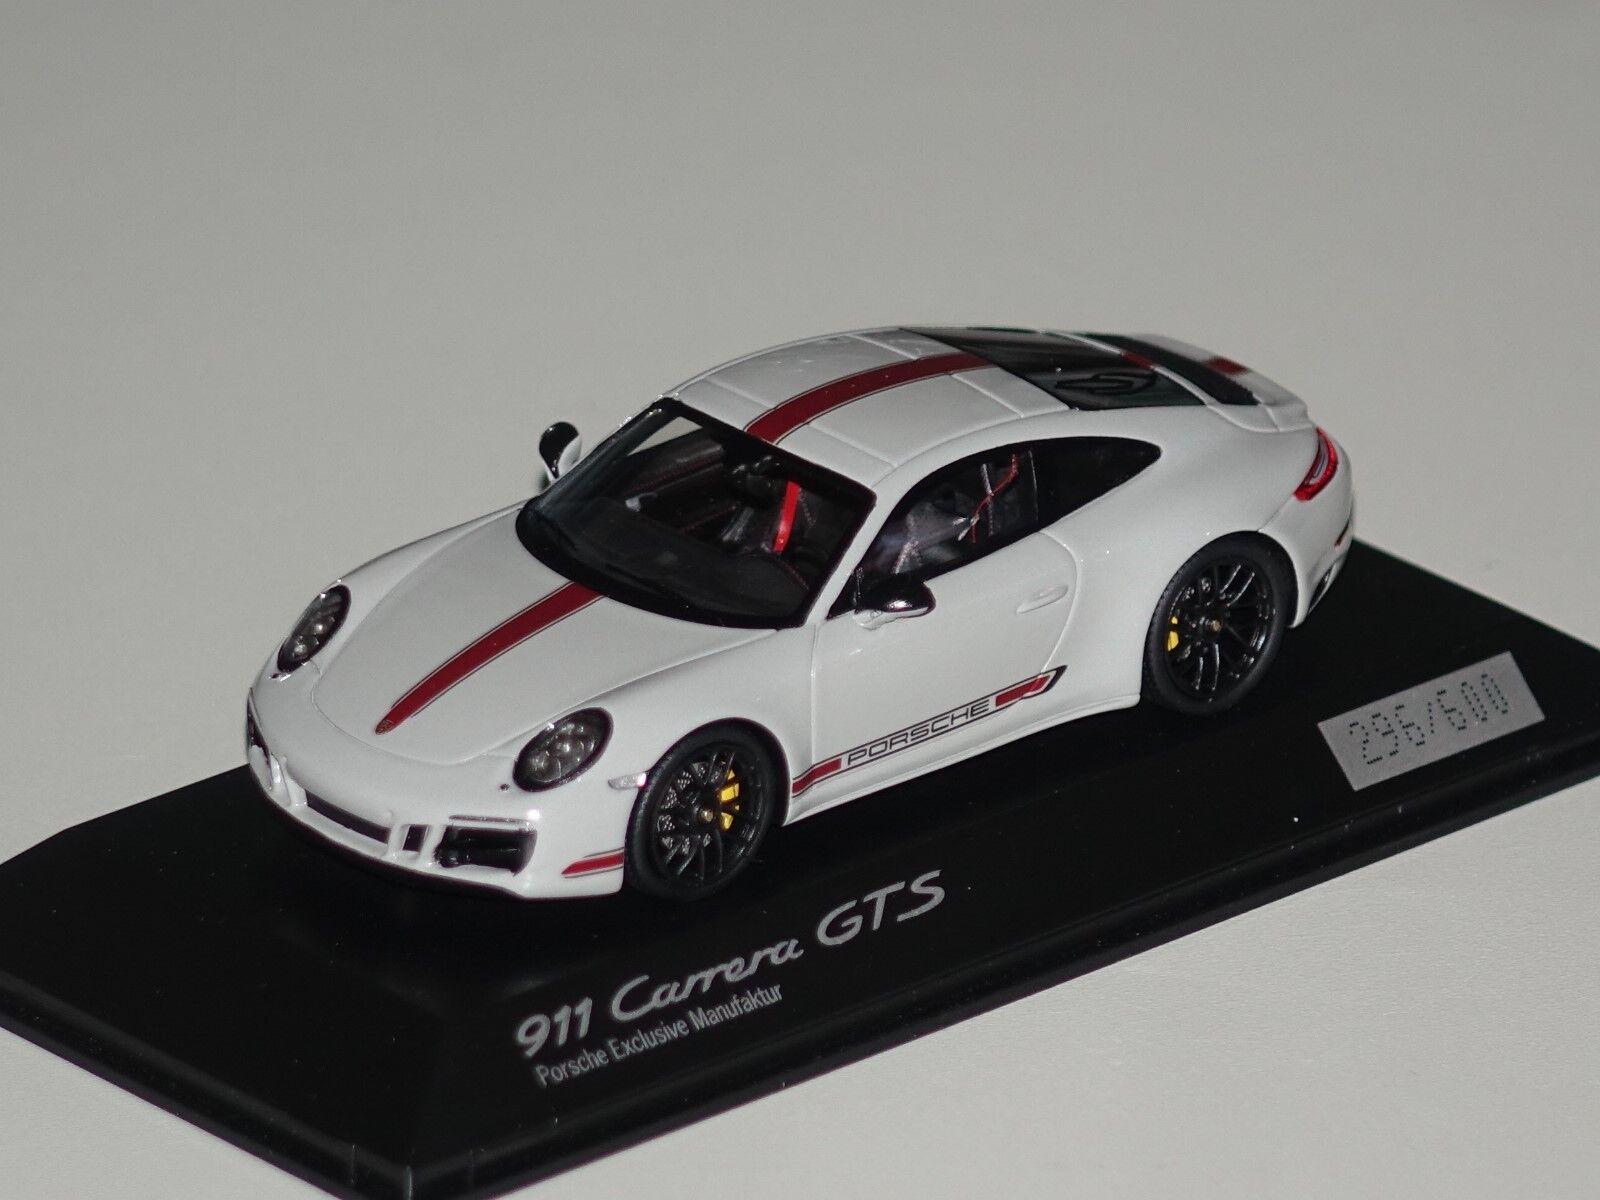 Porsche Porsche Porsche 911 Carrera GTS 1 43 Porsche Spark WAX02020055 neu & OVP ab2645